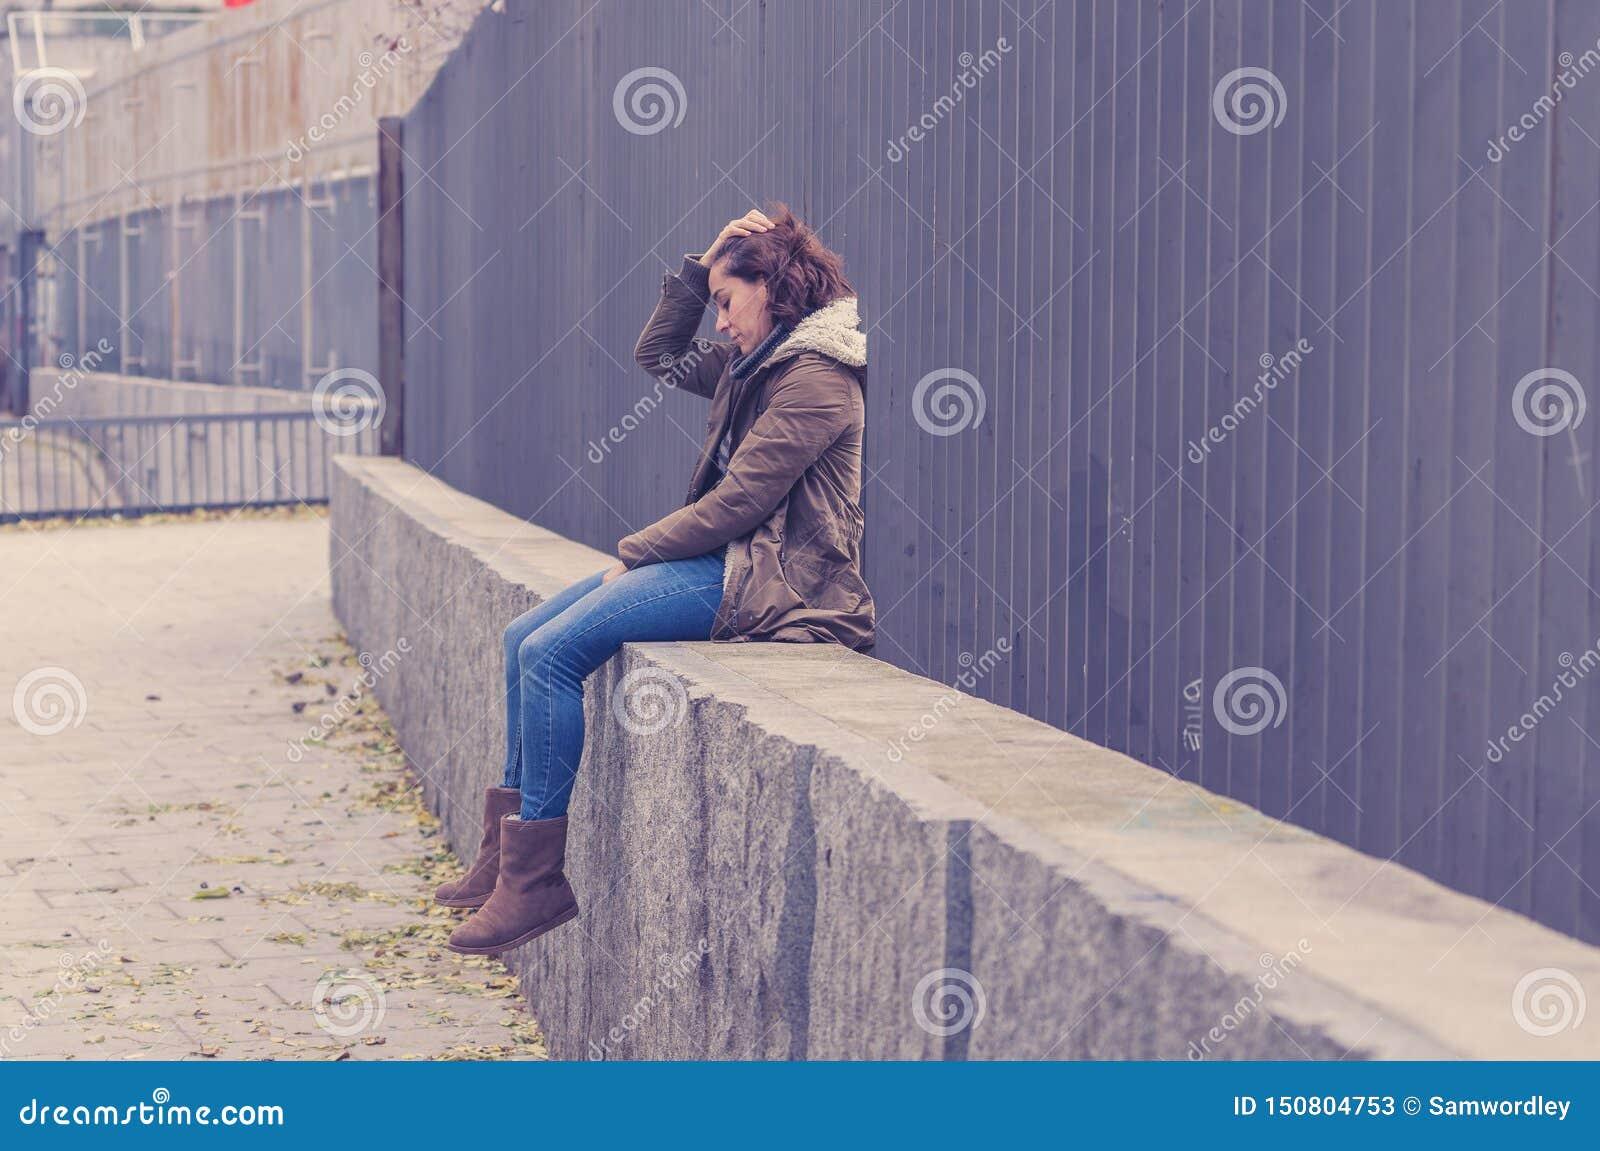 La mujer joven presionada que se sentaba en la calle urbana de la ciudad abrum? a